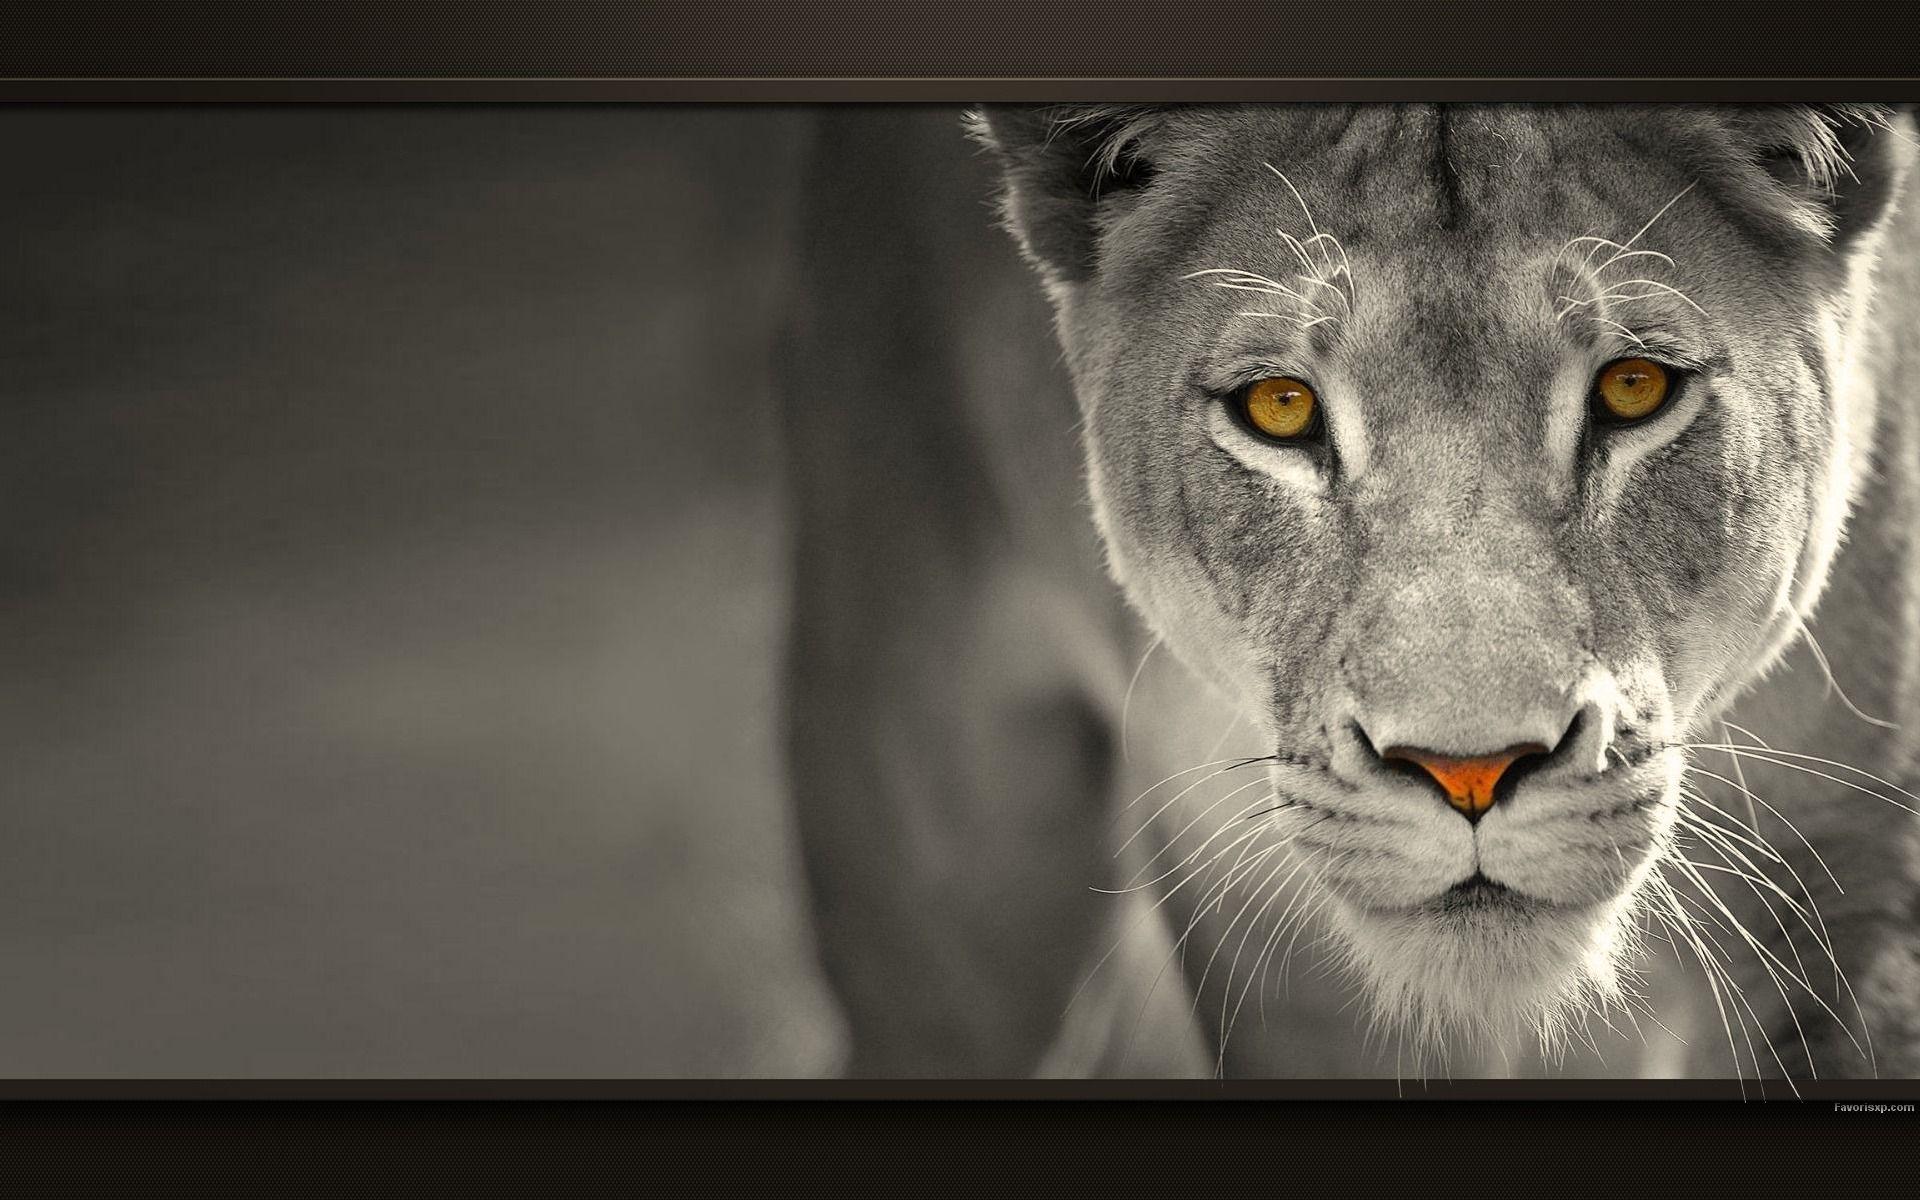 Fonds D Ecran Lions Wallpapers En Noir Et Blanc Hd Pour Pc Fond Ecran Noir Et Blanc Lion